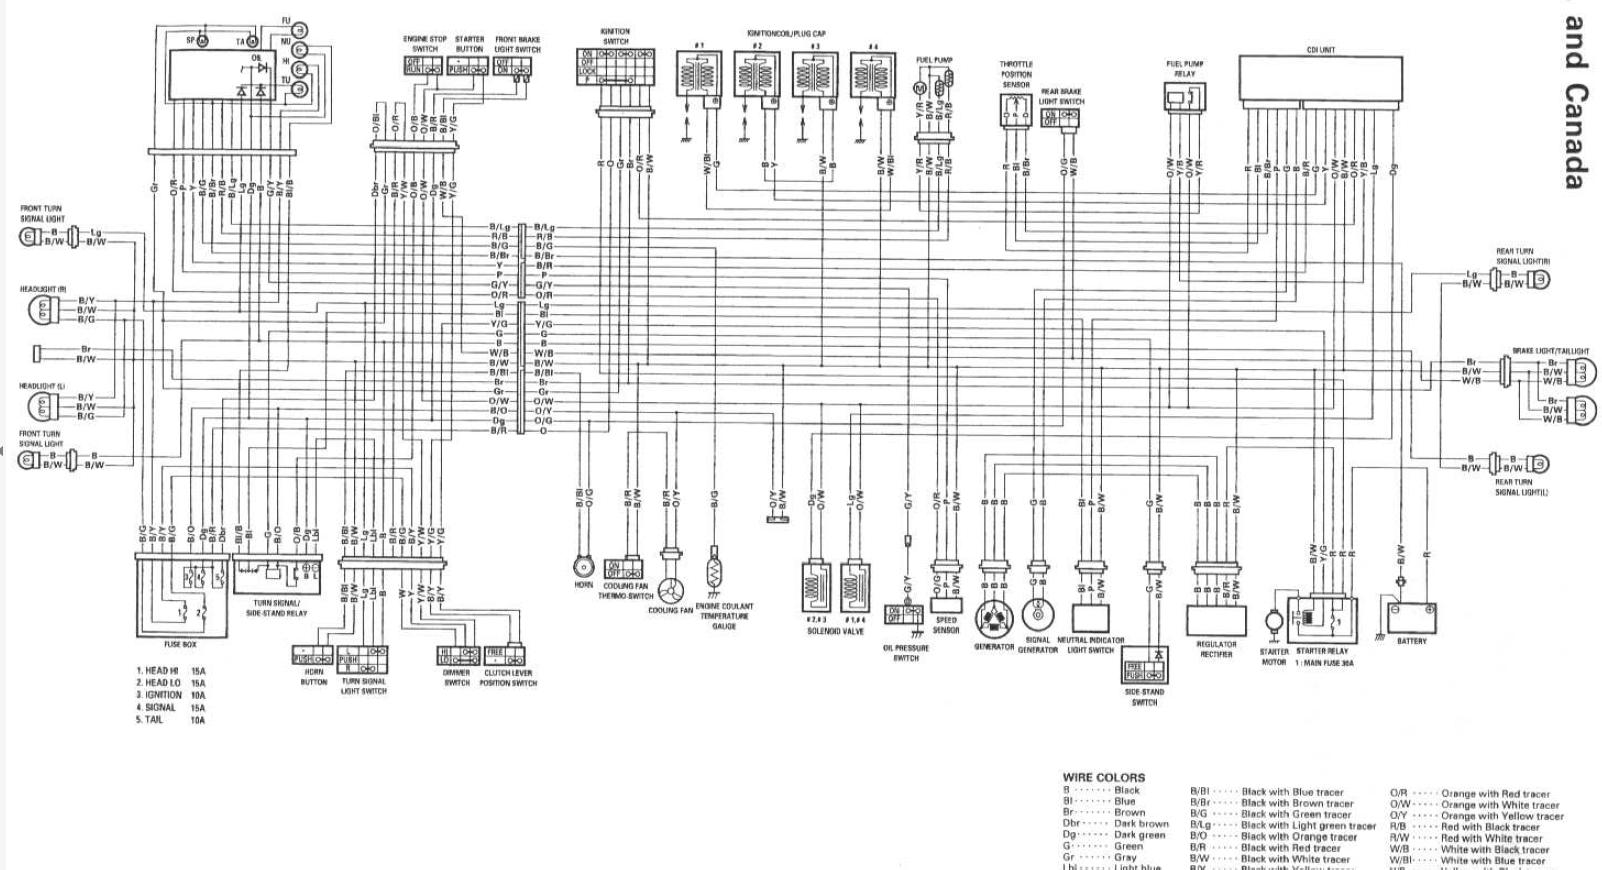 32 Suzuki Gsxr 750 Wiring Diagram - Wiring Diagram Database